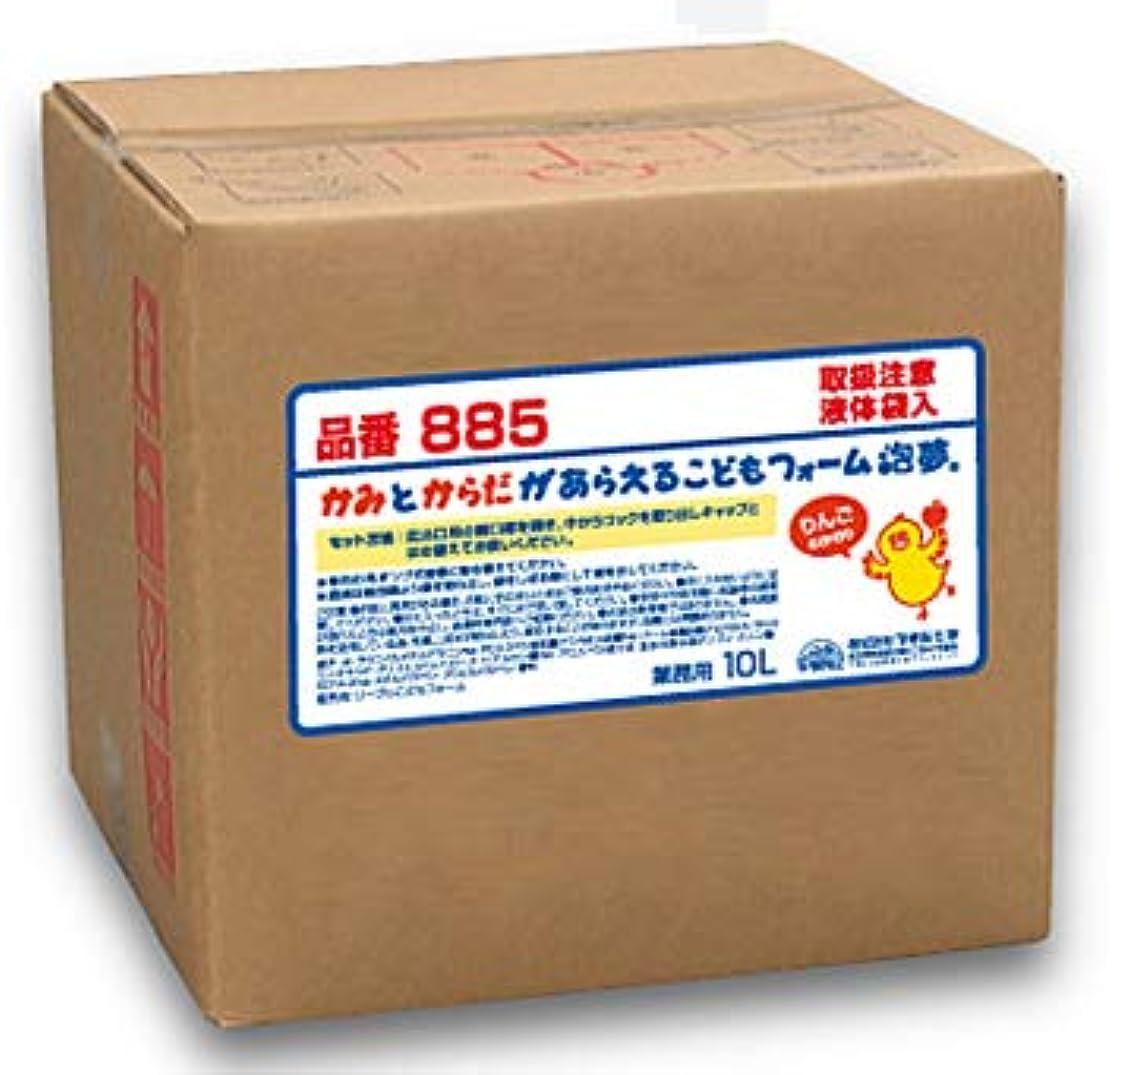 珍しい夏の中でフタバ化学 こどもフォーム 泡タイプ 泡夢 10L 詰替え 350ml容器付